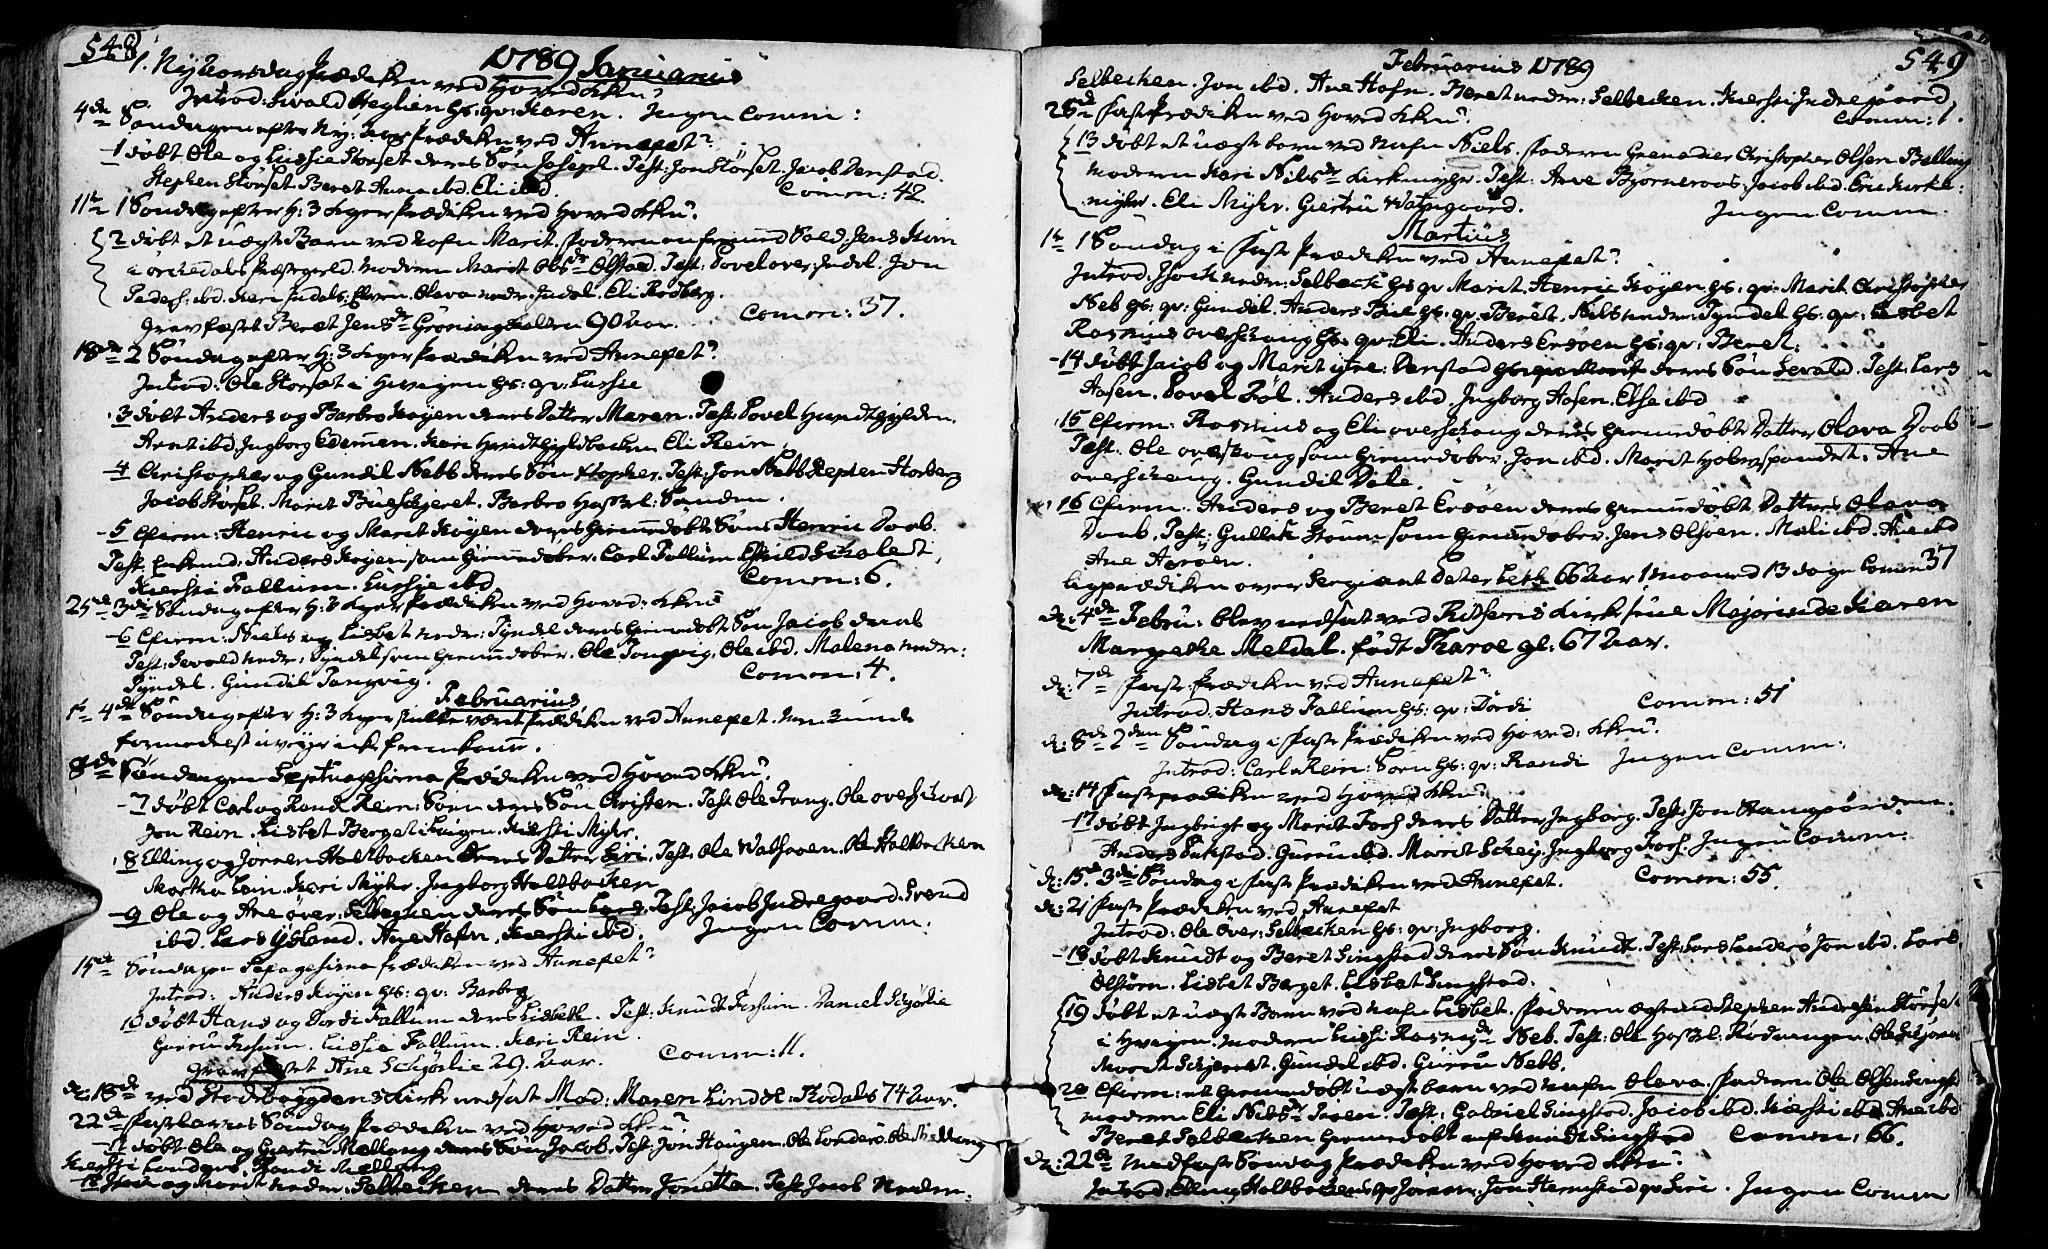 SAT, Ministerialprotokoller, klokkerbøker og fødselsregistre - Sør-Trøndelag, 646/L0605: Ministerialbok nr. 646A03, 1751-1790, s. 548-549